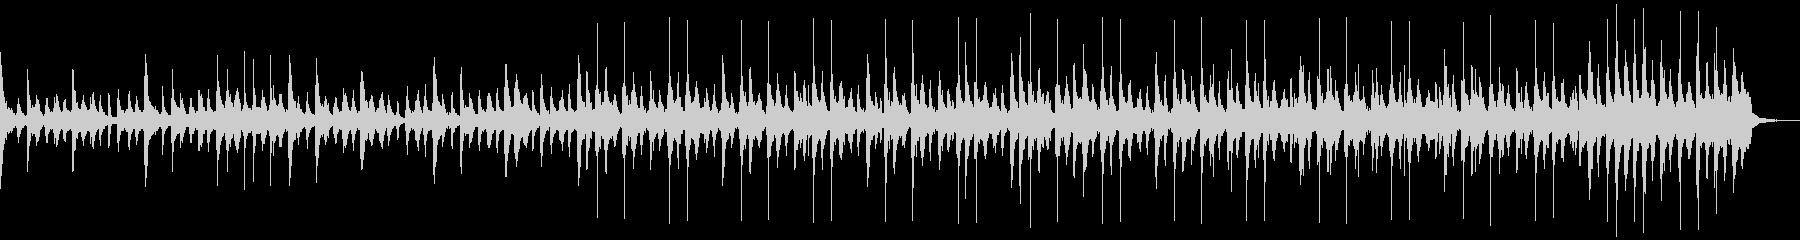 スナップラテンパーカッショングルーブの未再生の波形